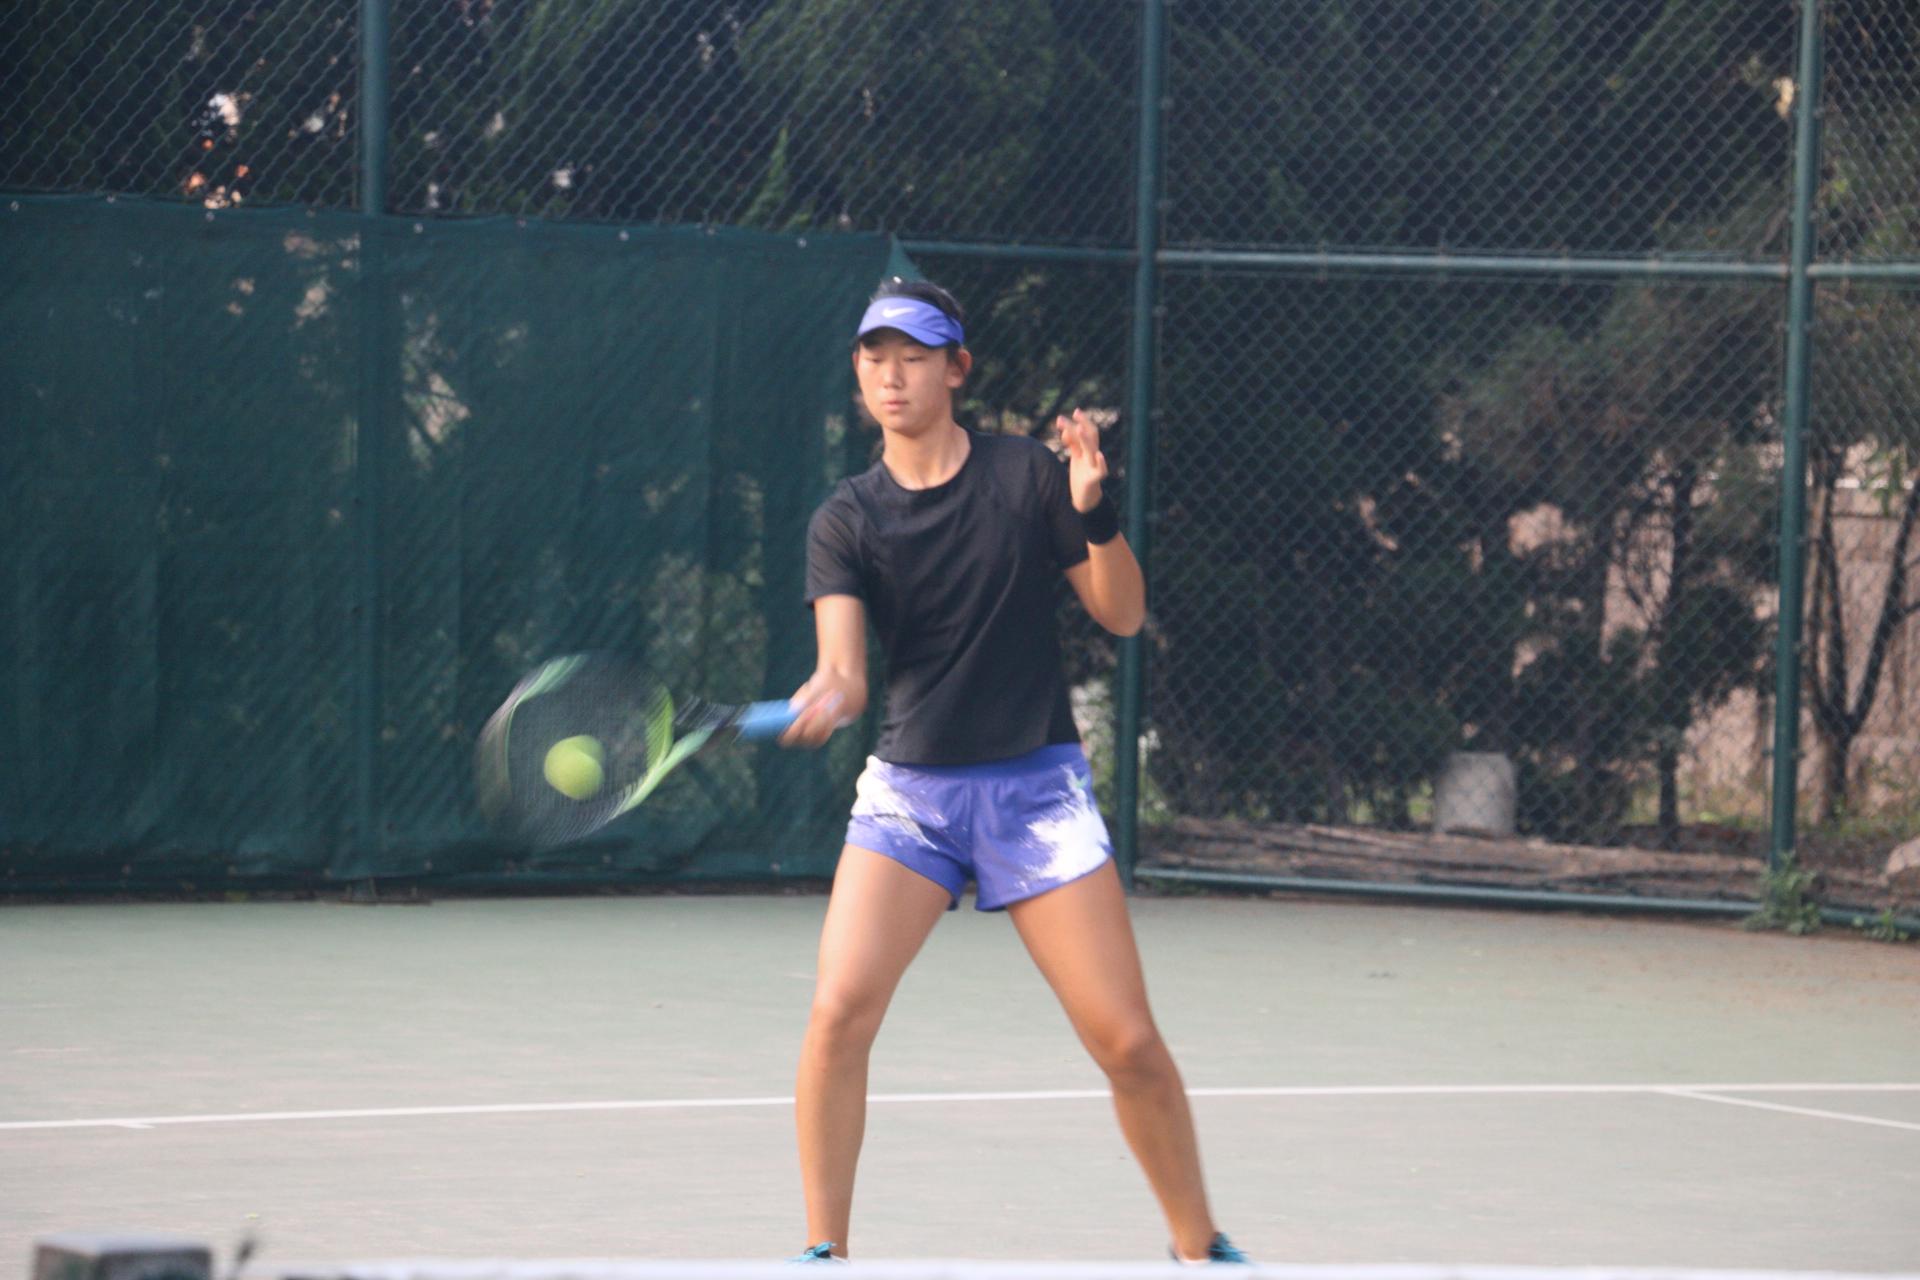 户外体育运动网球打乒乓球站姿图片